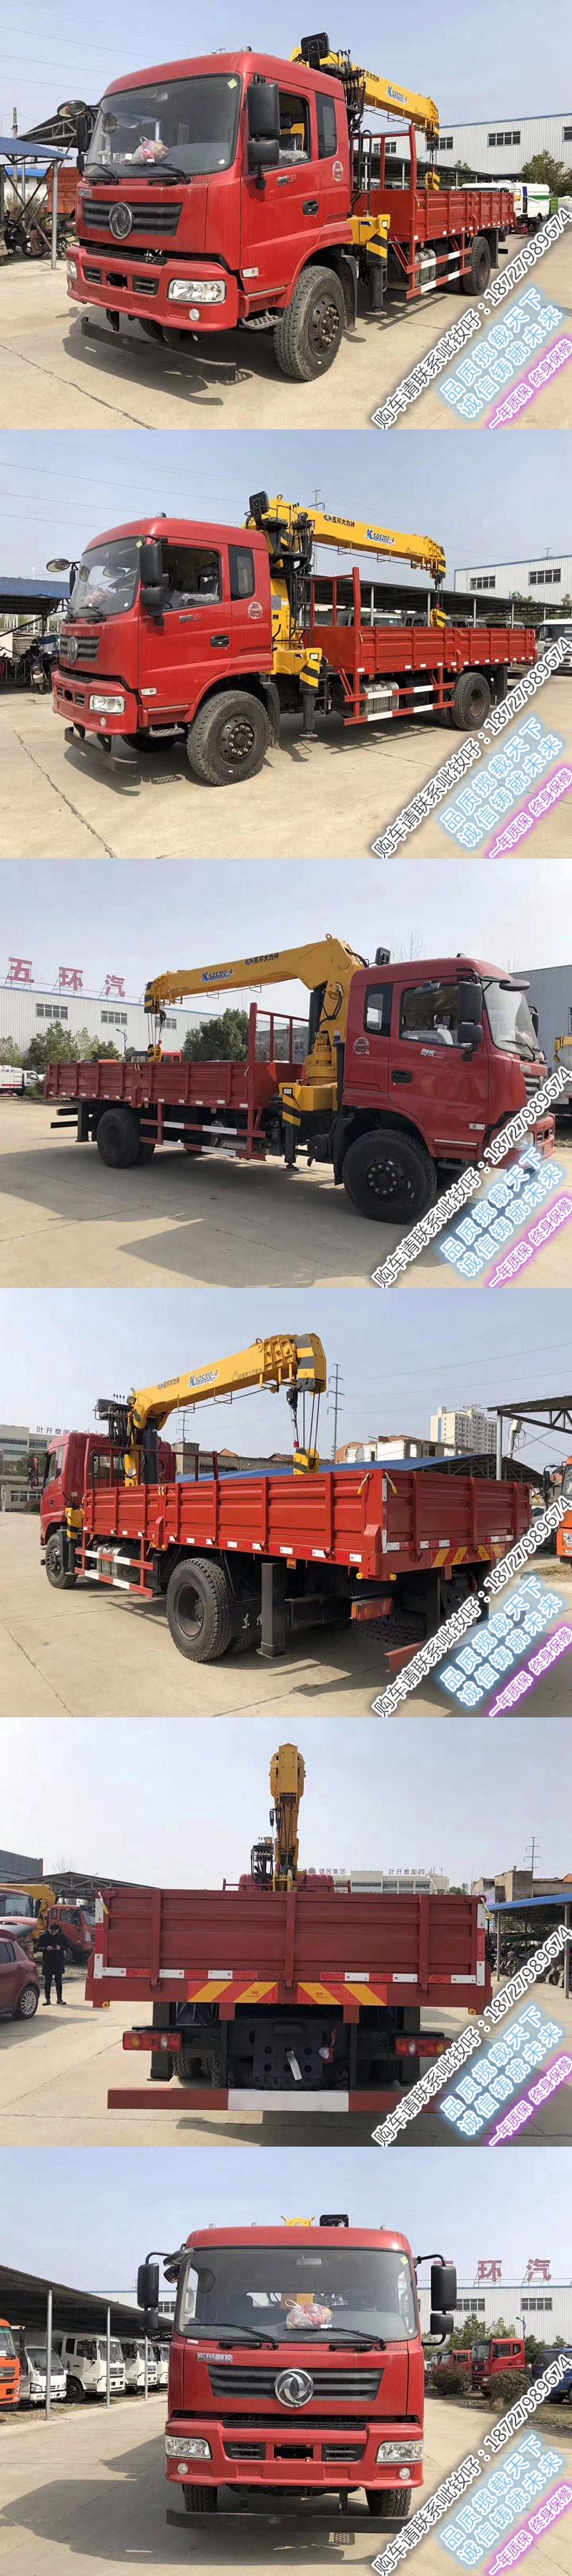 金华厂家直销东风2吨到20吨随车吊随车起重运输车包上户可分期